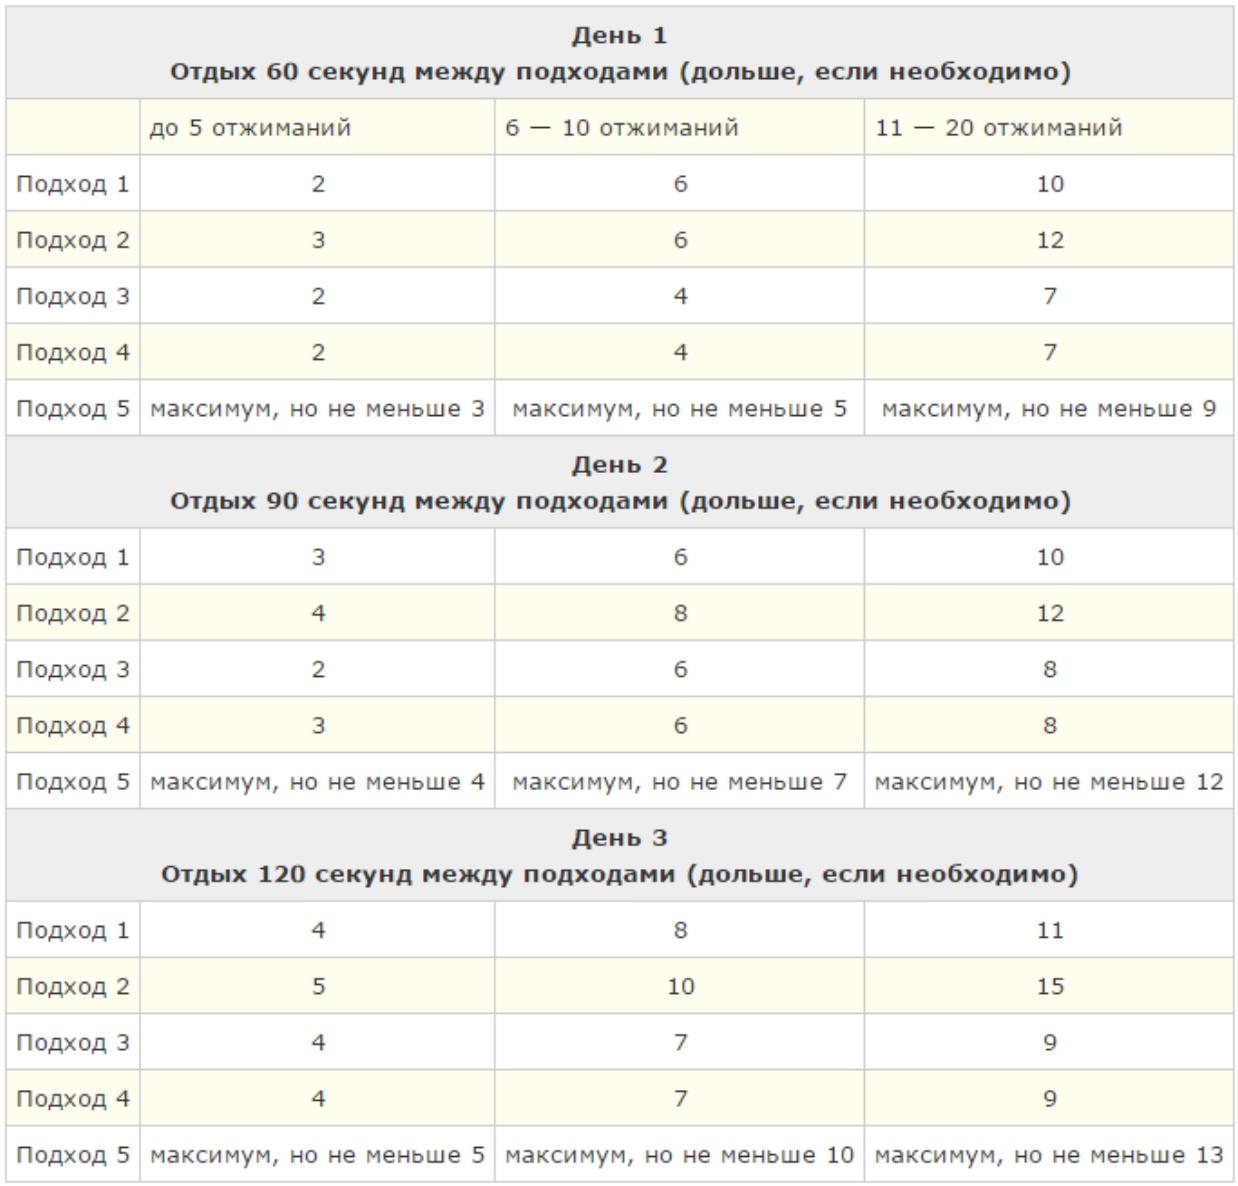 Таблица 1. Первая неделя тренировок